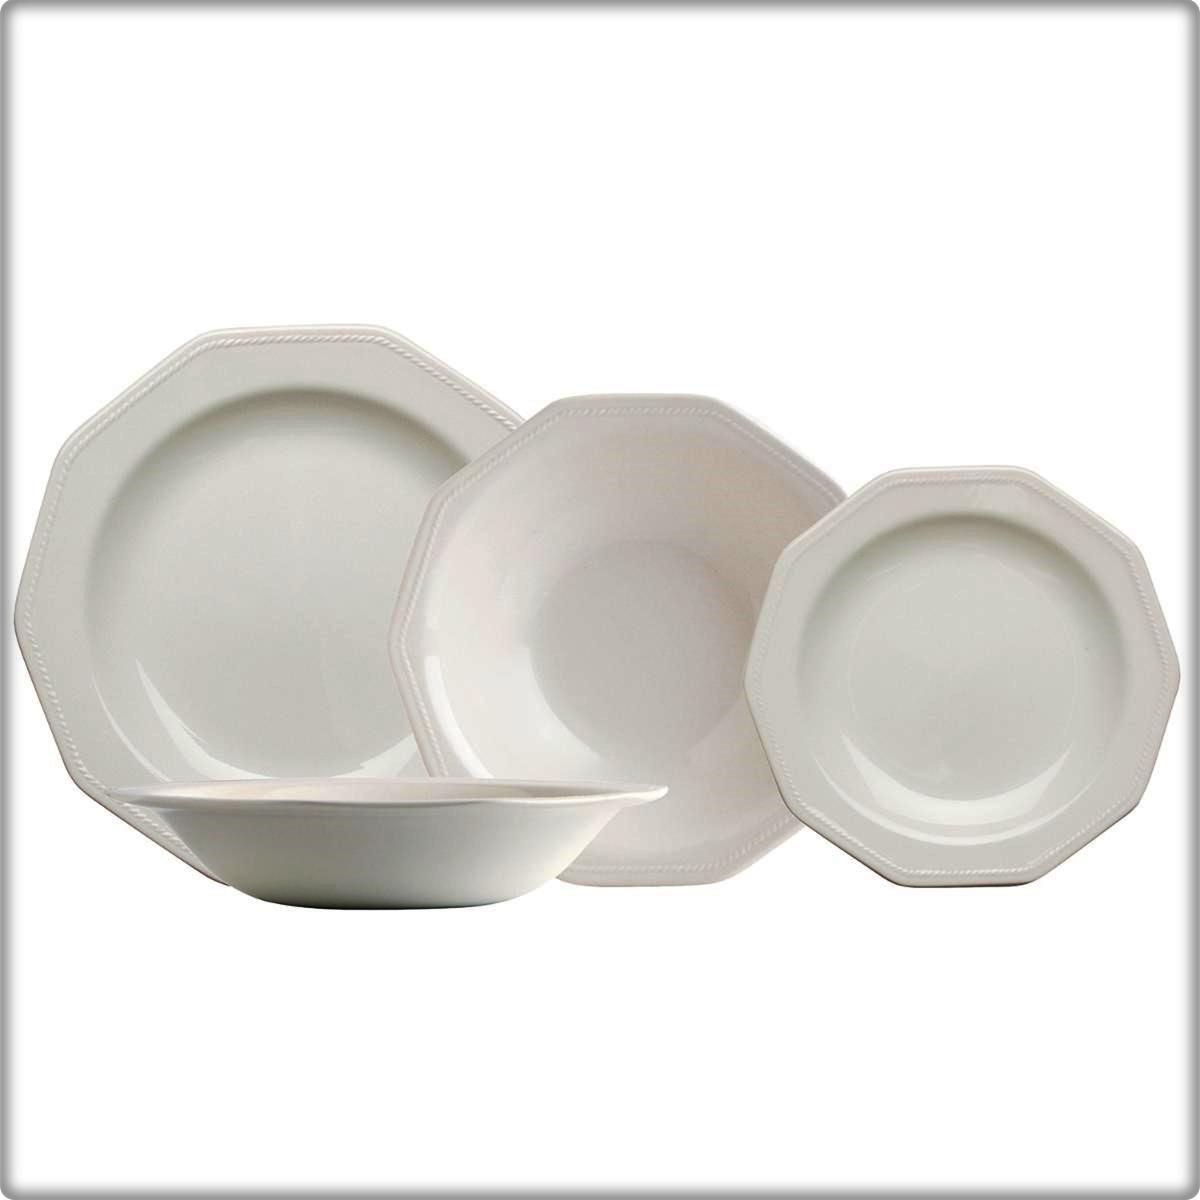 Vajilla Loza Artic White  Caja 18 piezas. CHURCHILL